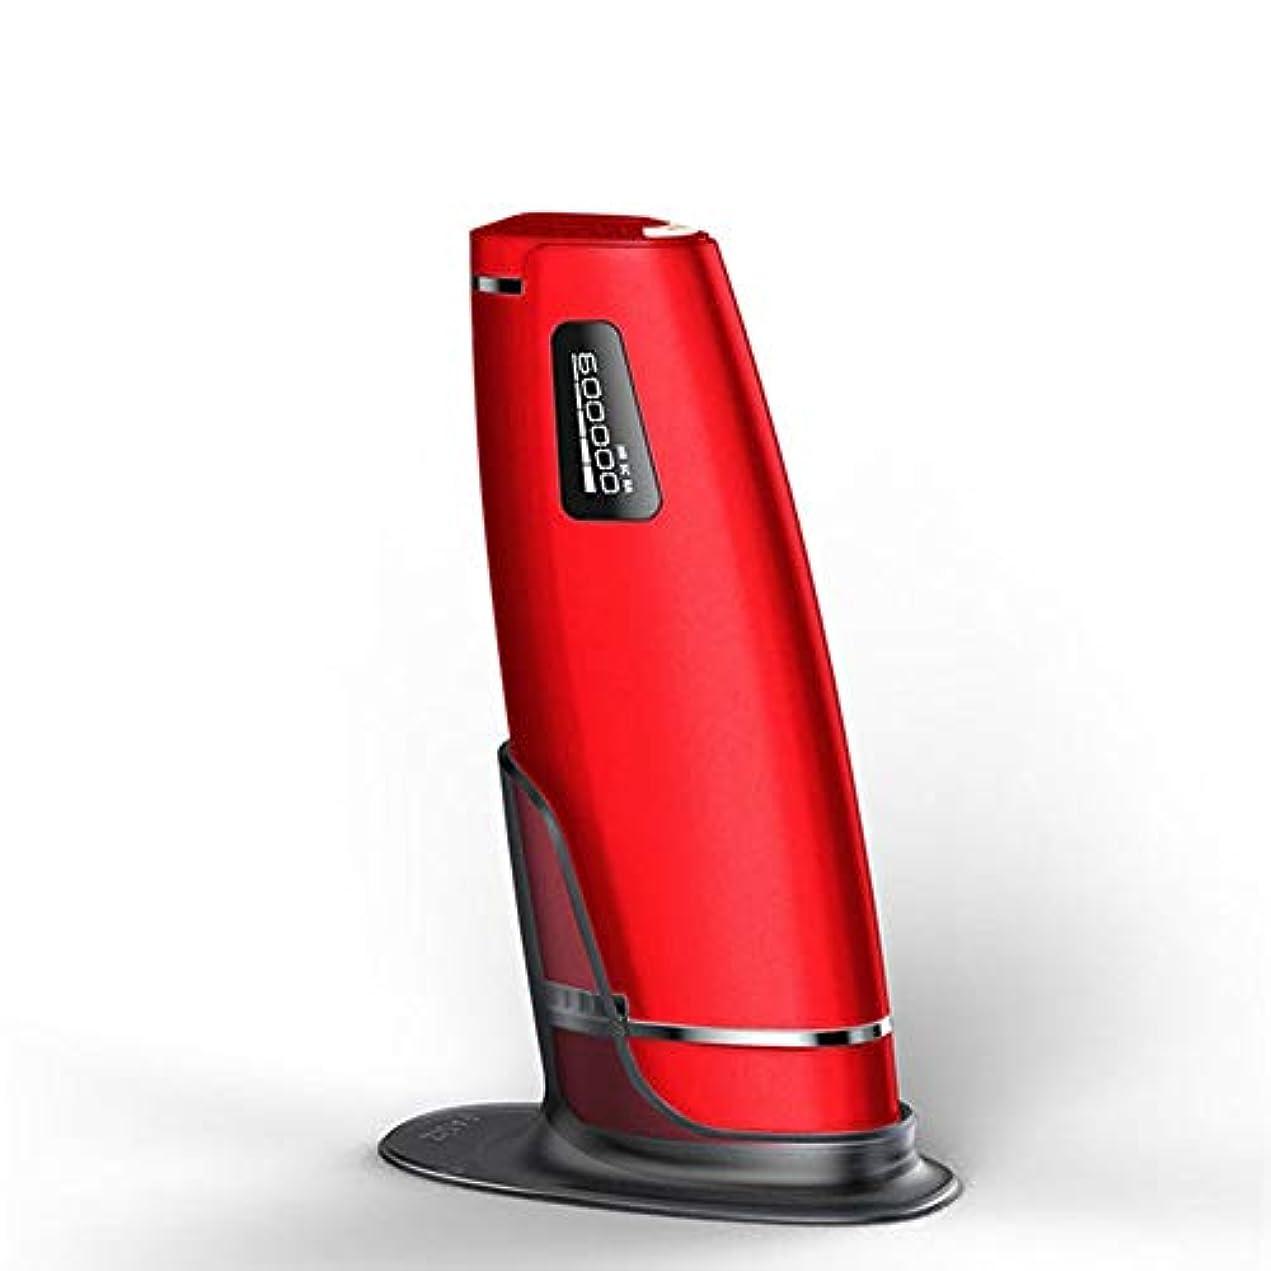 そこダニサイバースペースダパイ 赤、デュアルモード、ホームオートマチック無痛脱毛剤、携帯用永久脱毛剤、5スピード調整、サイズ20.5 X 4.5 X 7 Cm U546 (Color : Red)